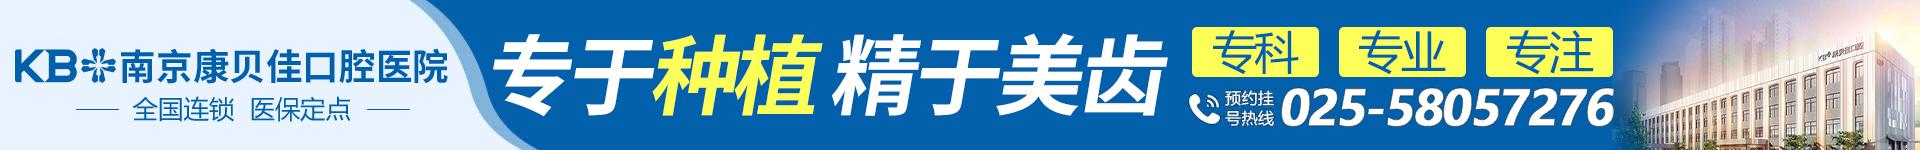 牙齿矫正医院南京